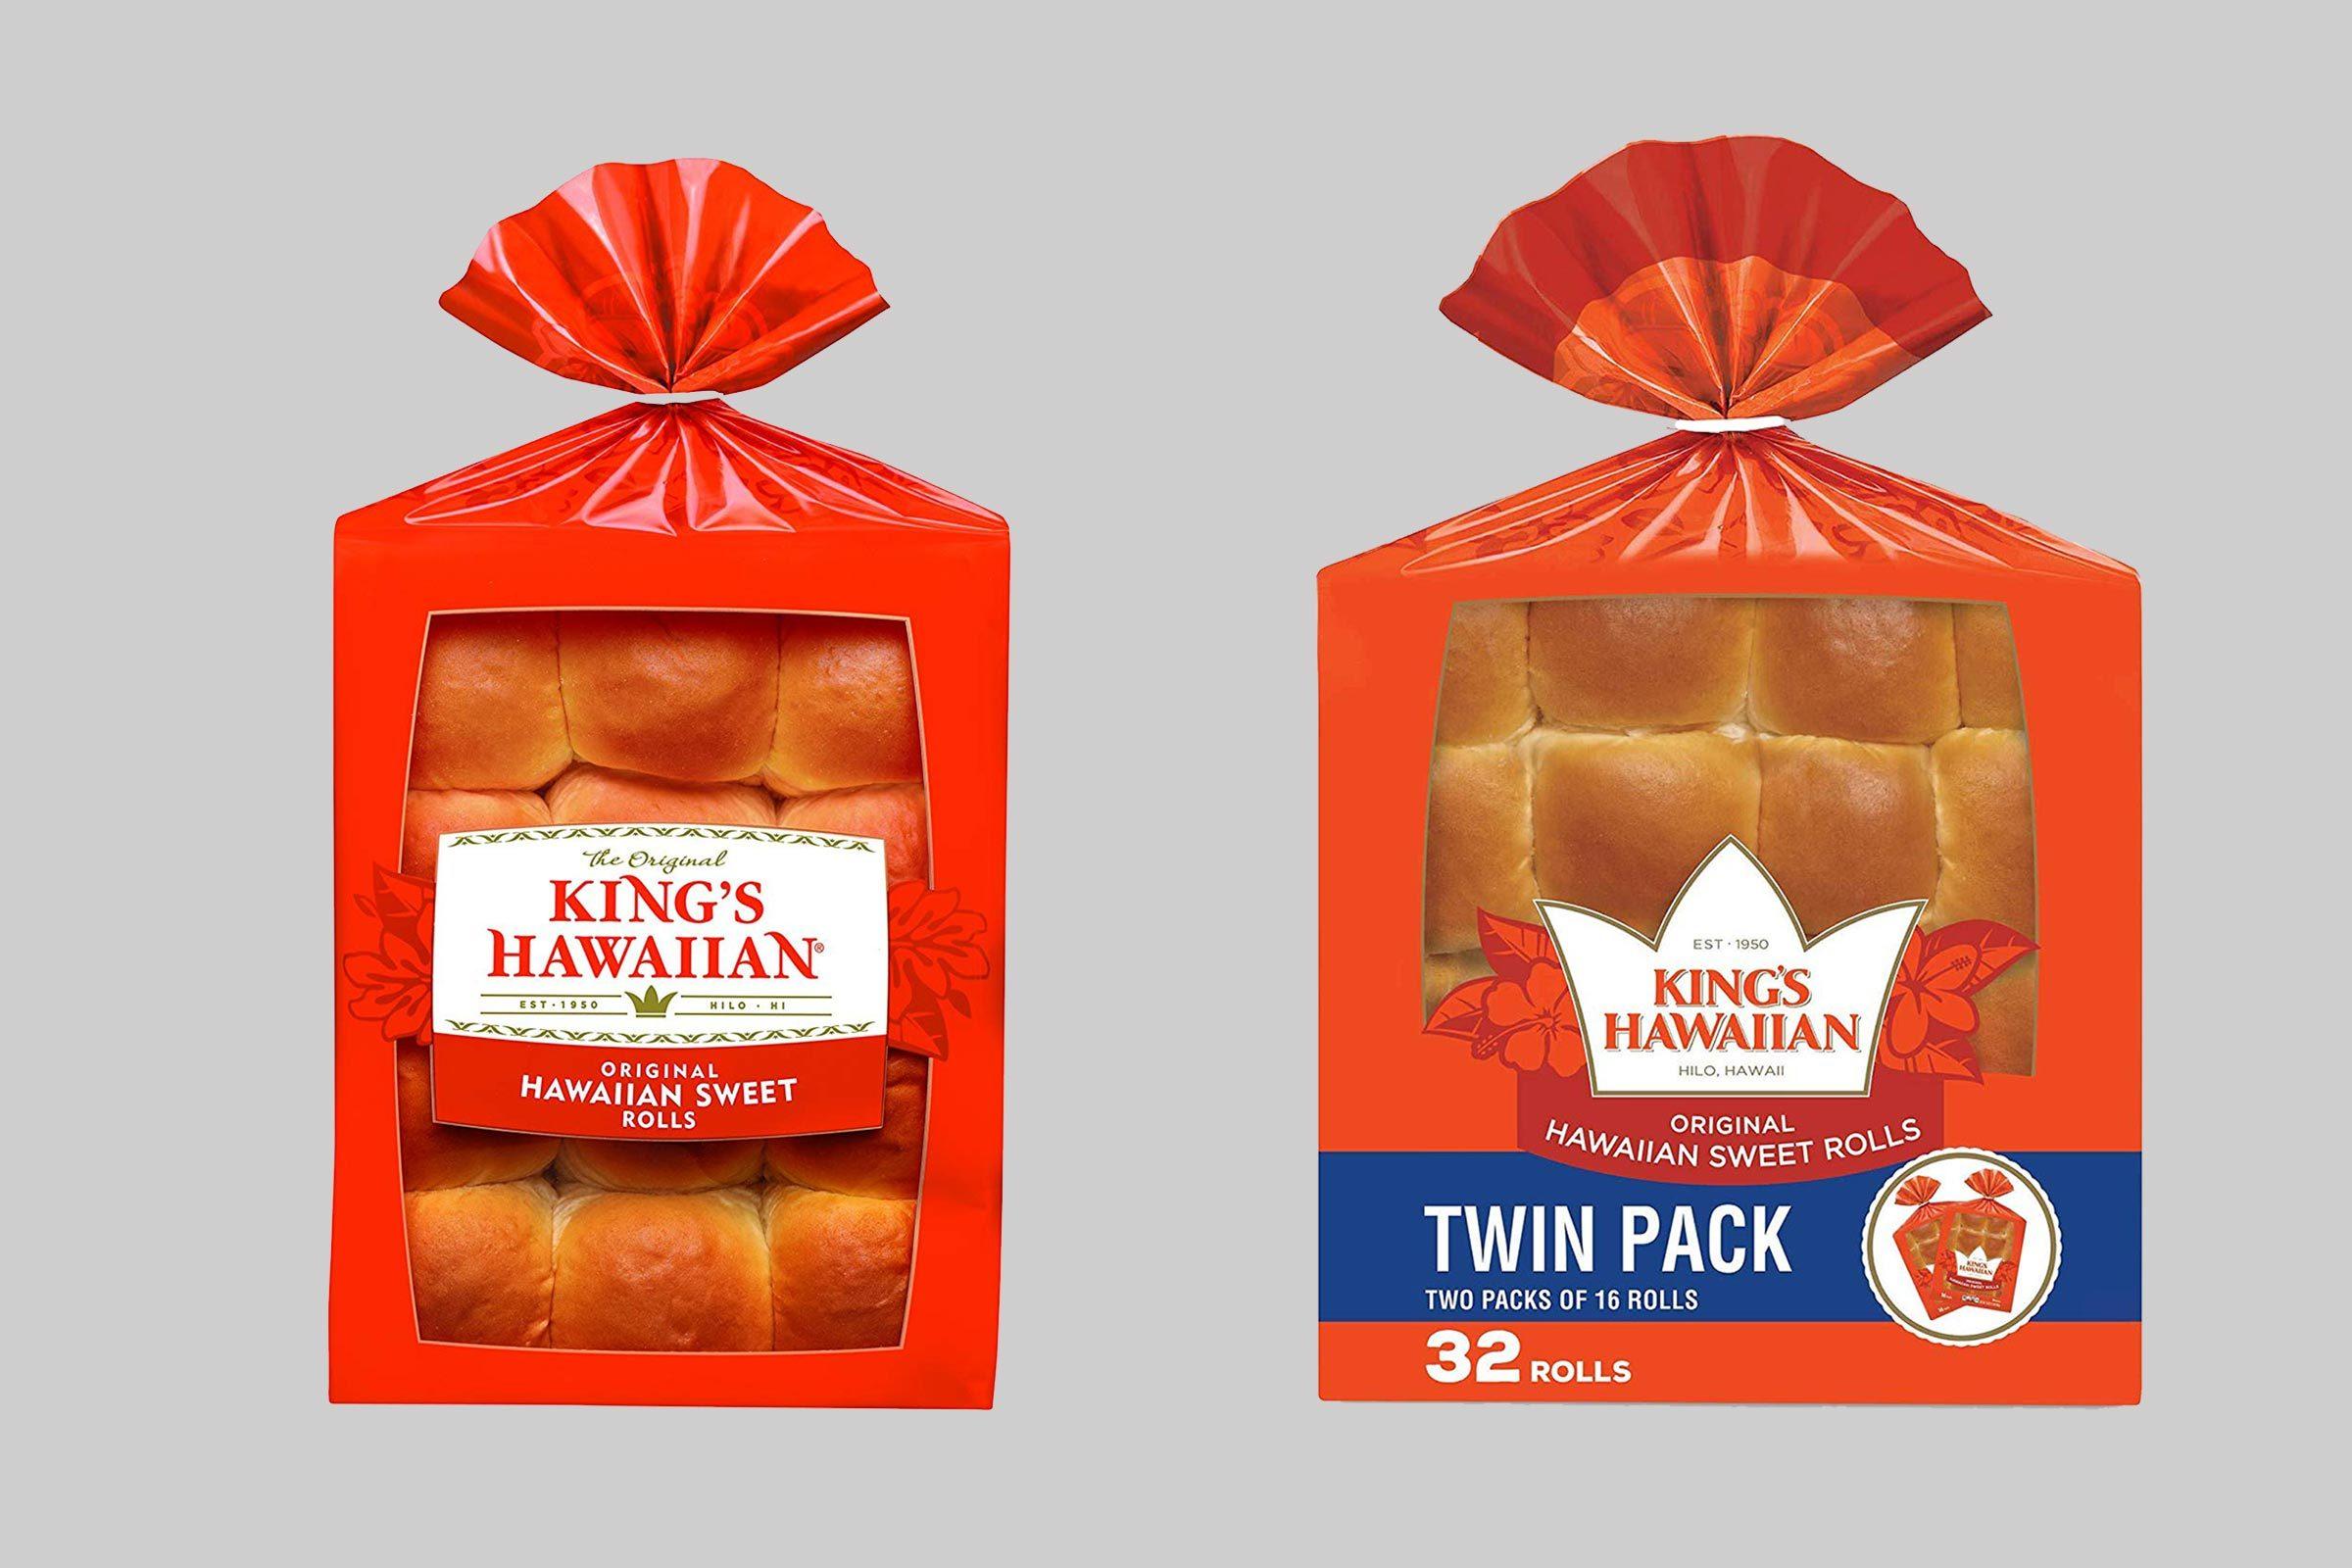 The Real Reason King's Hawaiian Bread Is So Popular